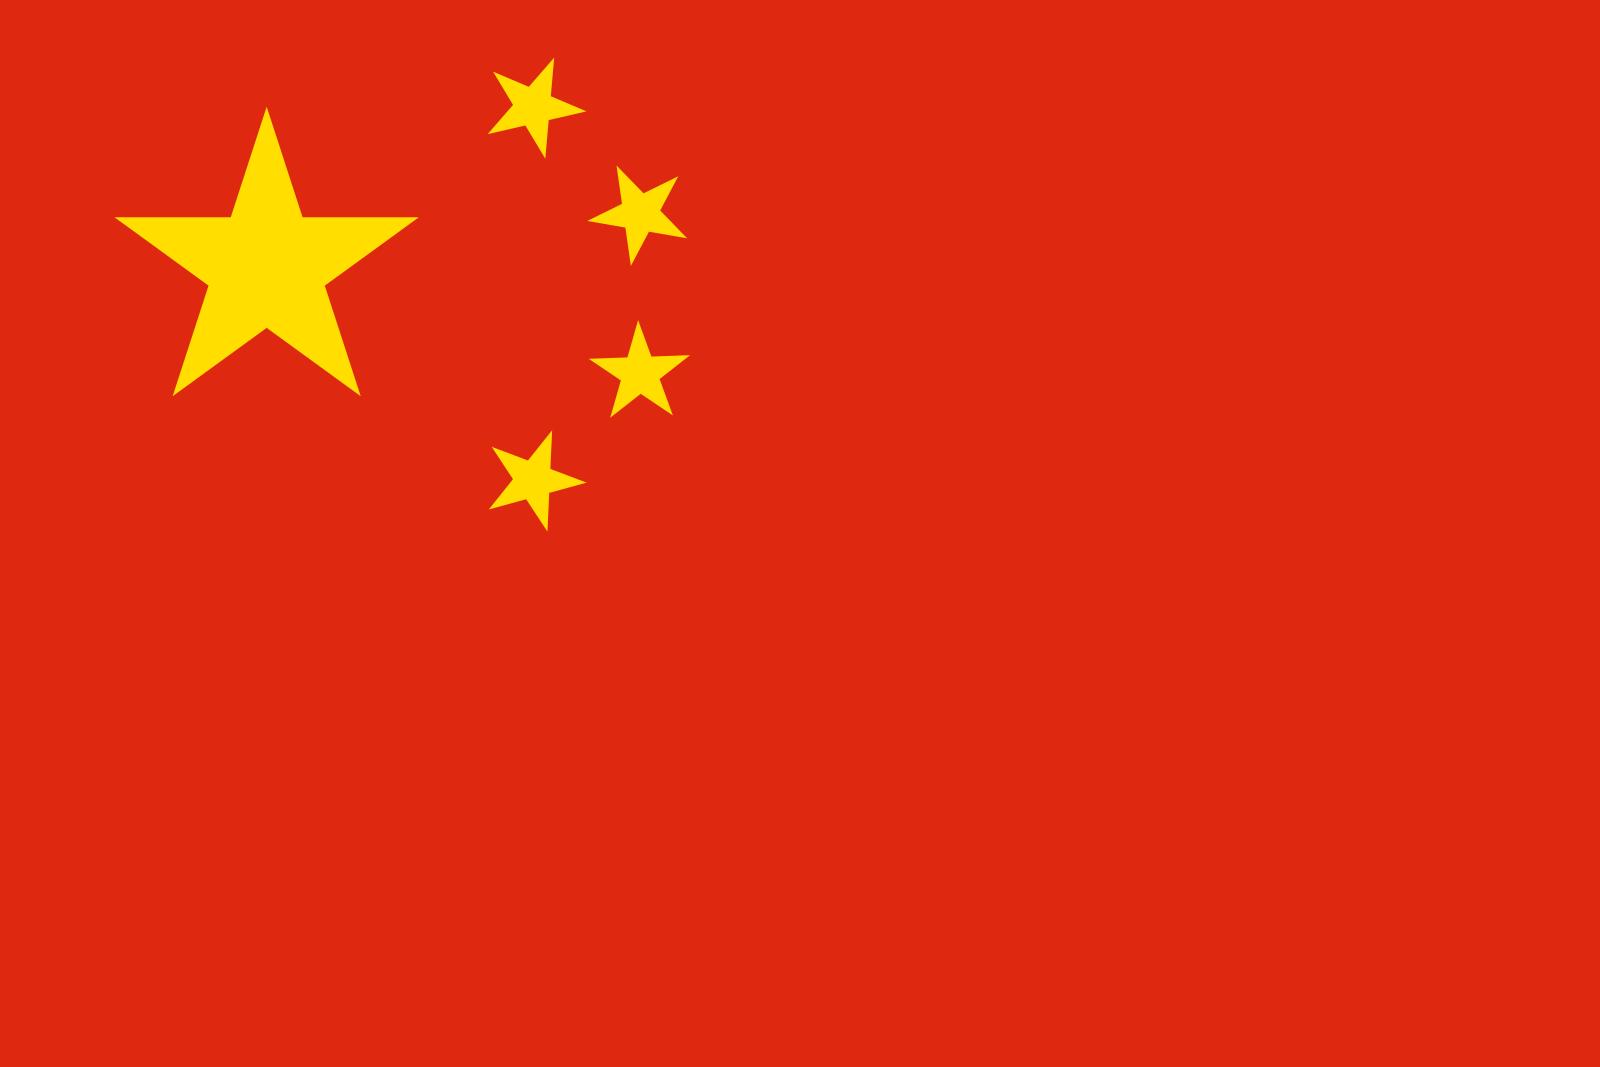 Bandeira da China.